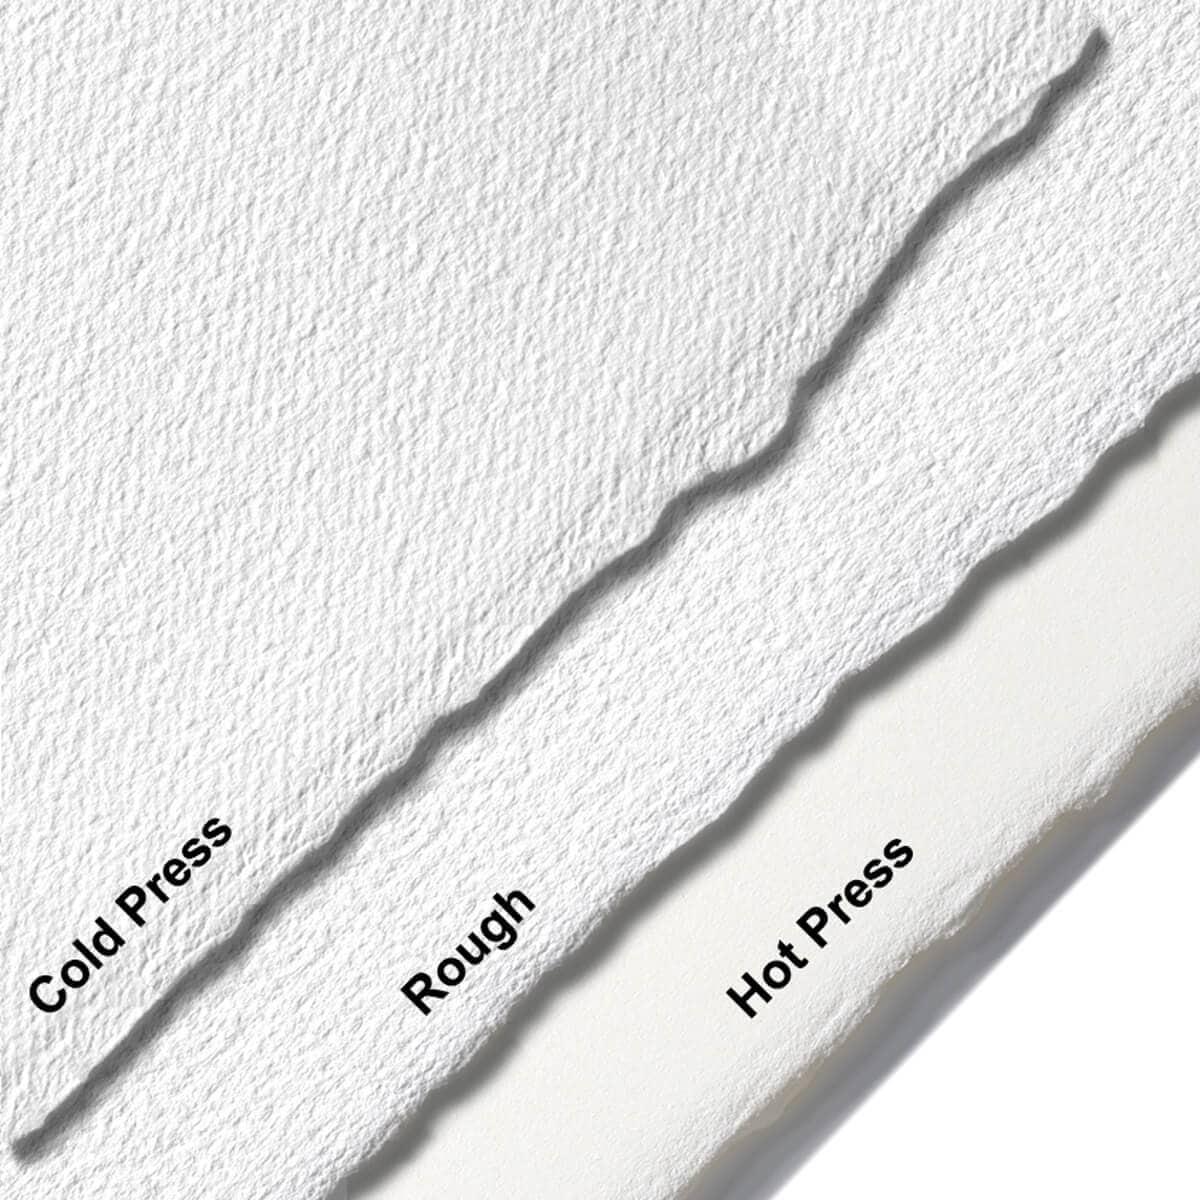 Arches 100% Cotton Watercolor Pad (A3 Size:29.7x42cms) Rough Grain; 185 GSM; 15 Sheets